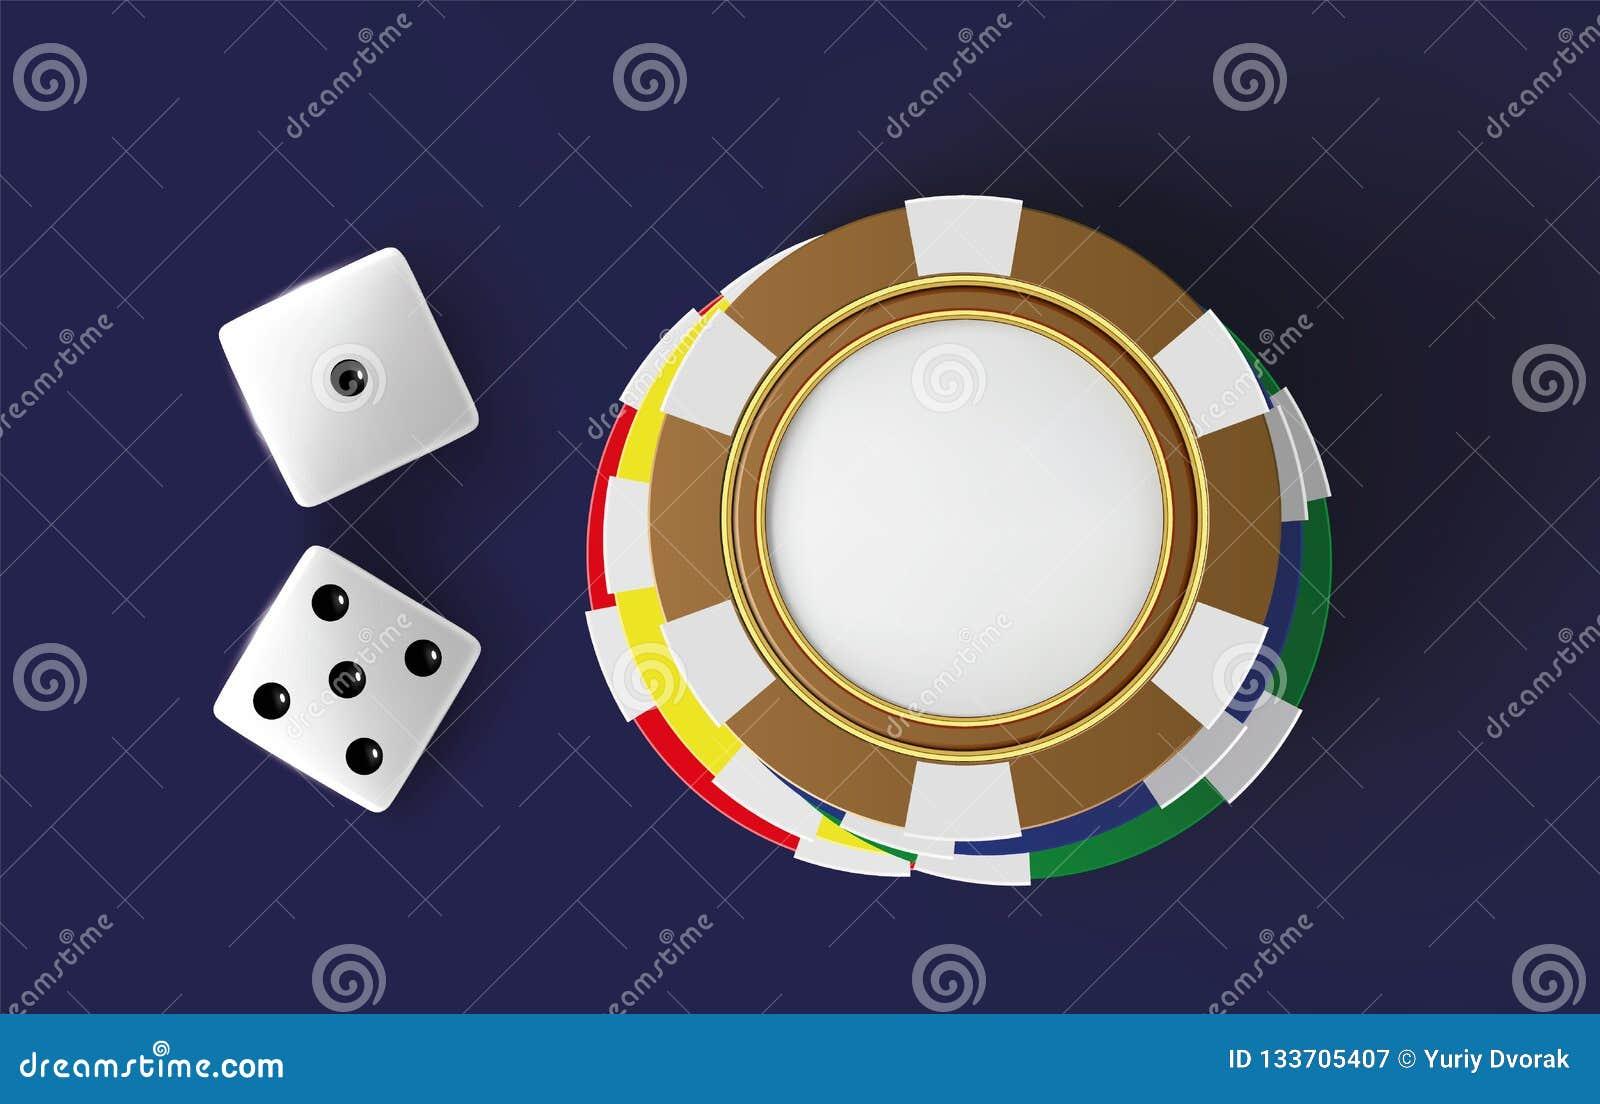 赌博娱乐场背景模子和芯片 模子和芯片顶视图在蓝色背景 与地方的网上赌博娱乐场桌概念